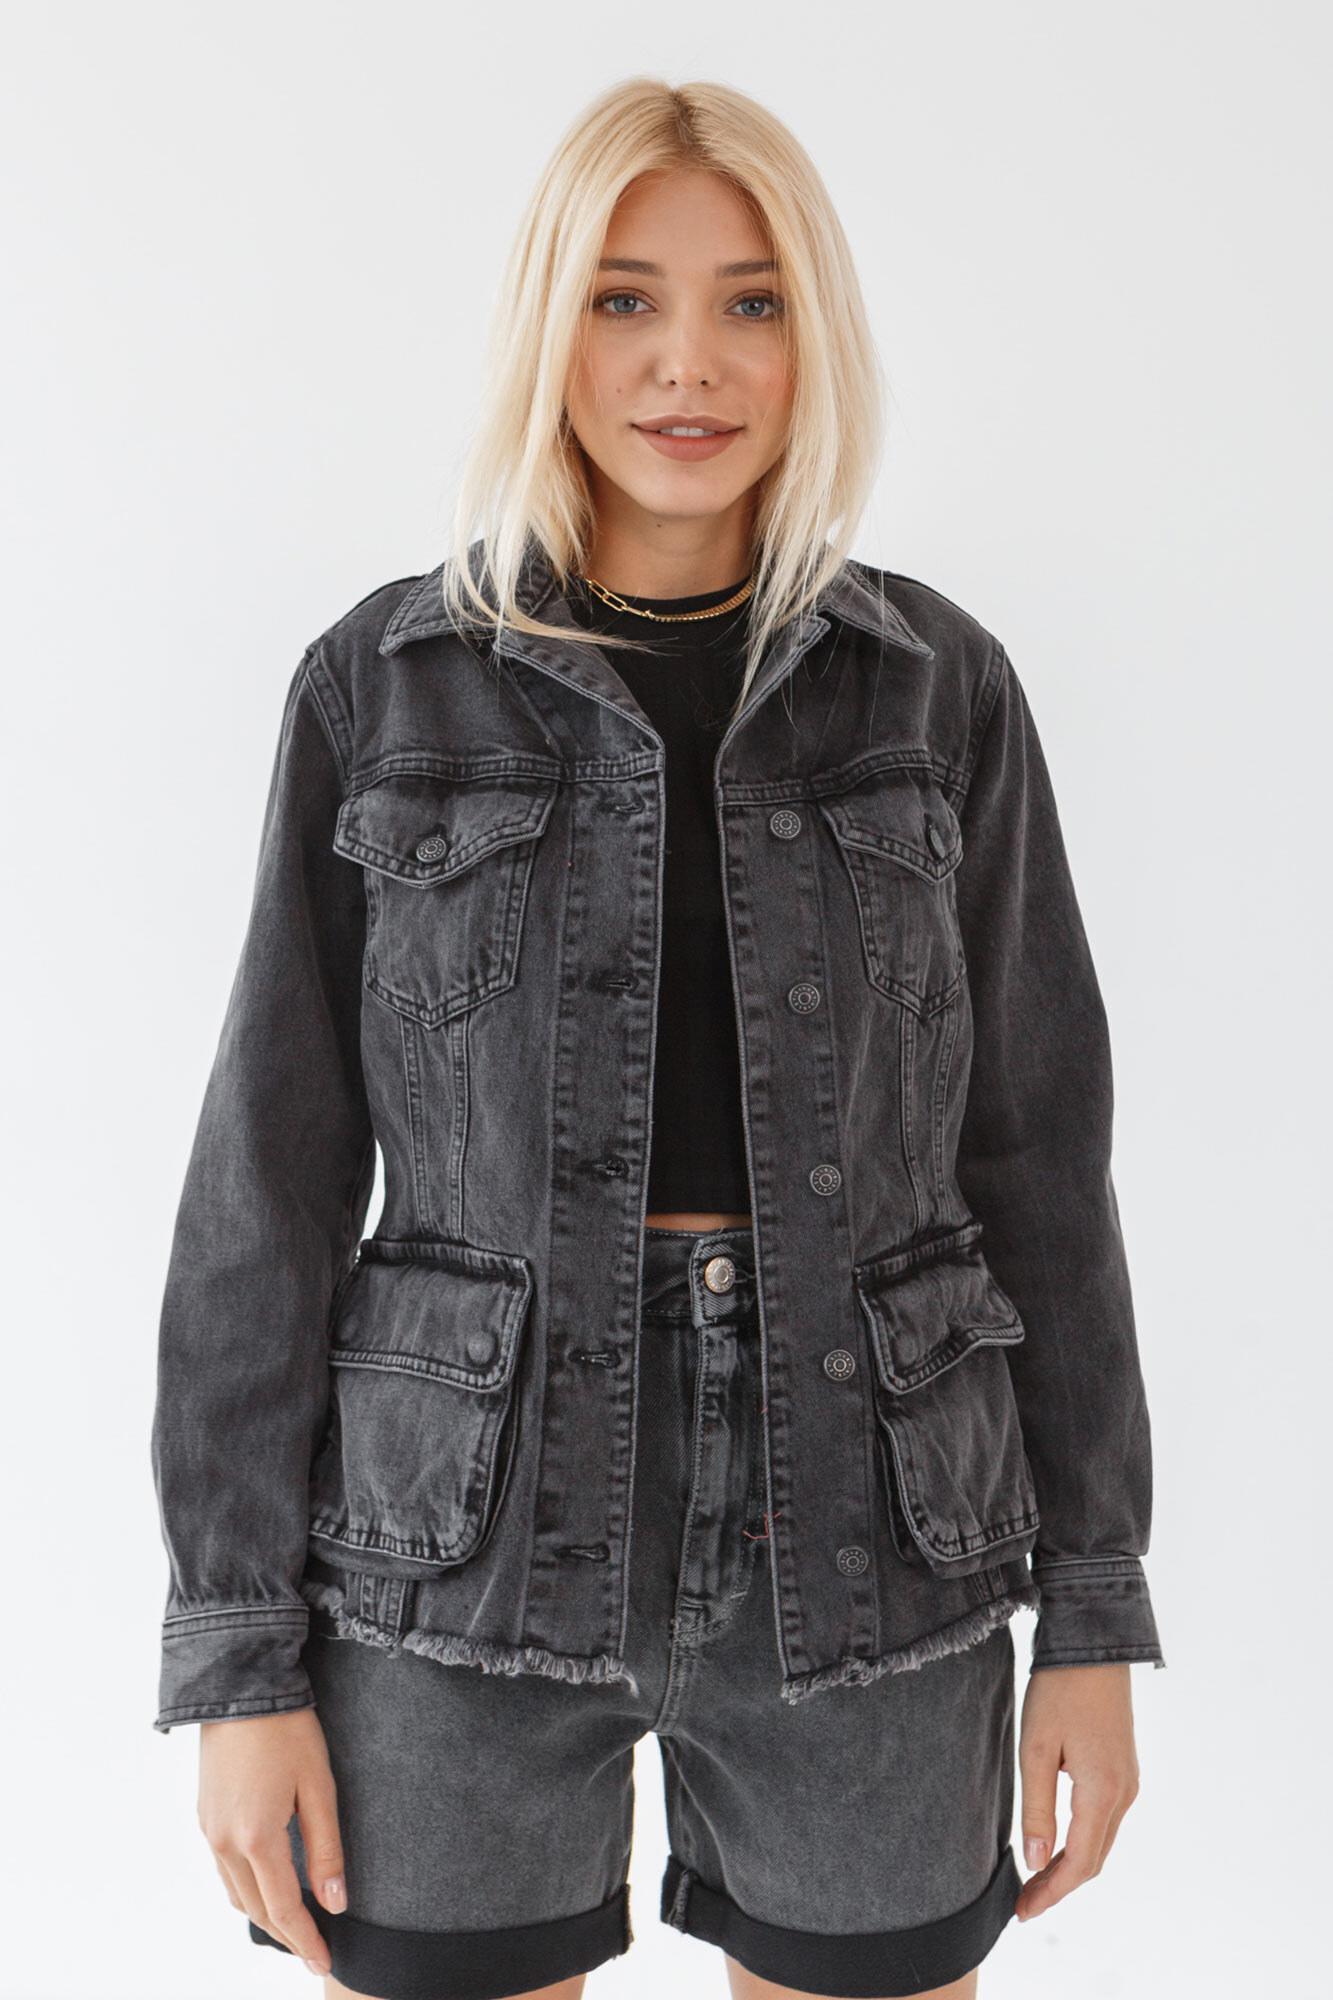 Широкая джинсовая куртка сафари с большими карманами